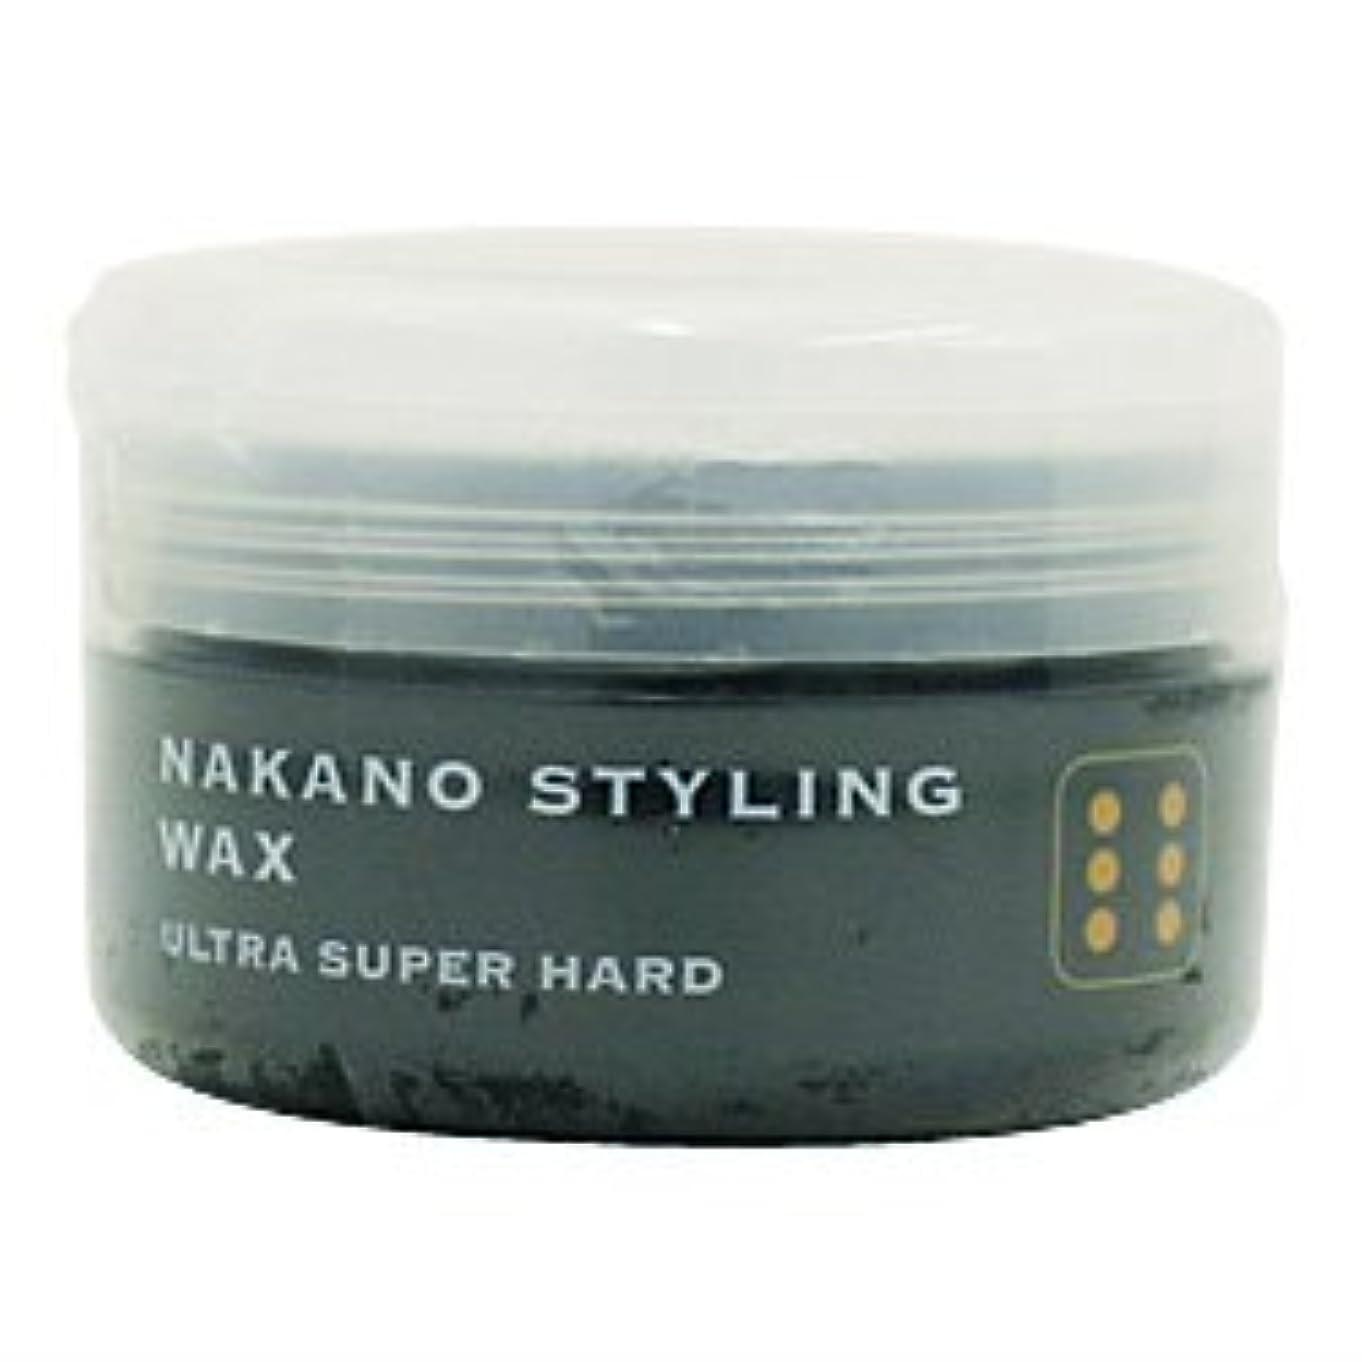 歴史航海の憤るナカノ スタイリングワックス 6 ウルトラスーパーハード 90g 中野製薬 NAKANO